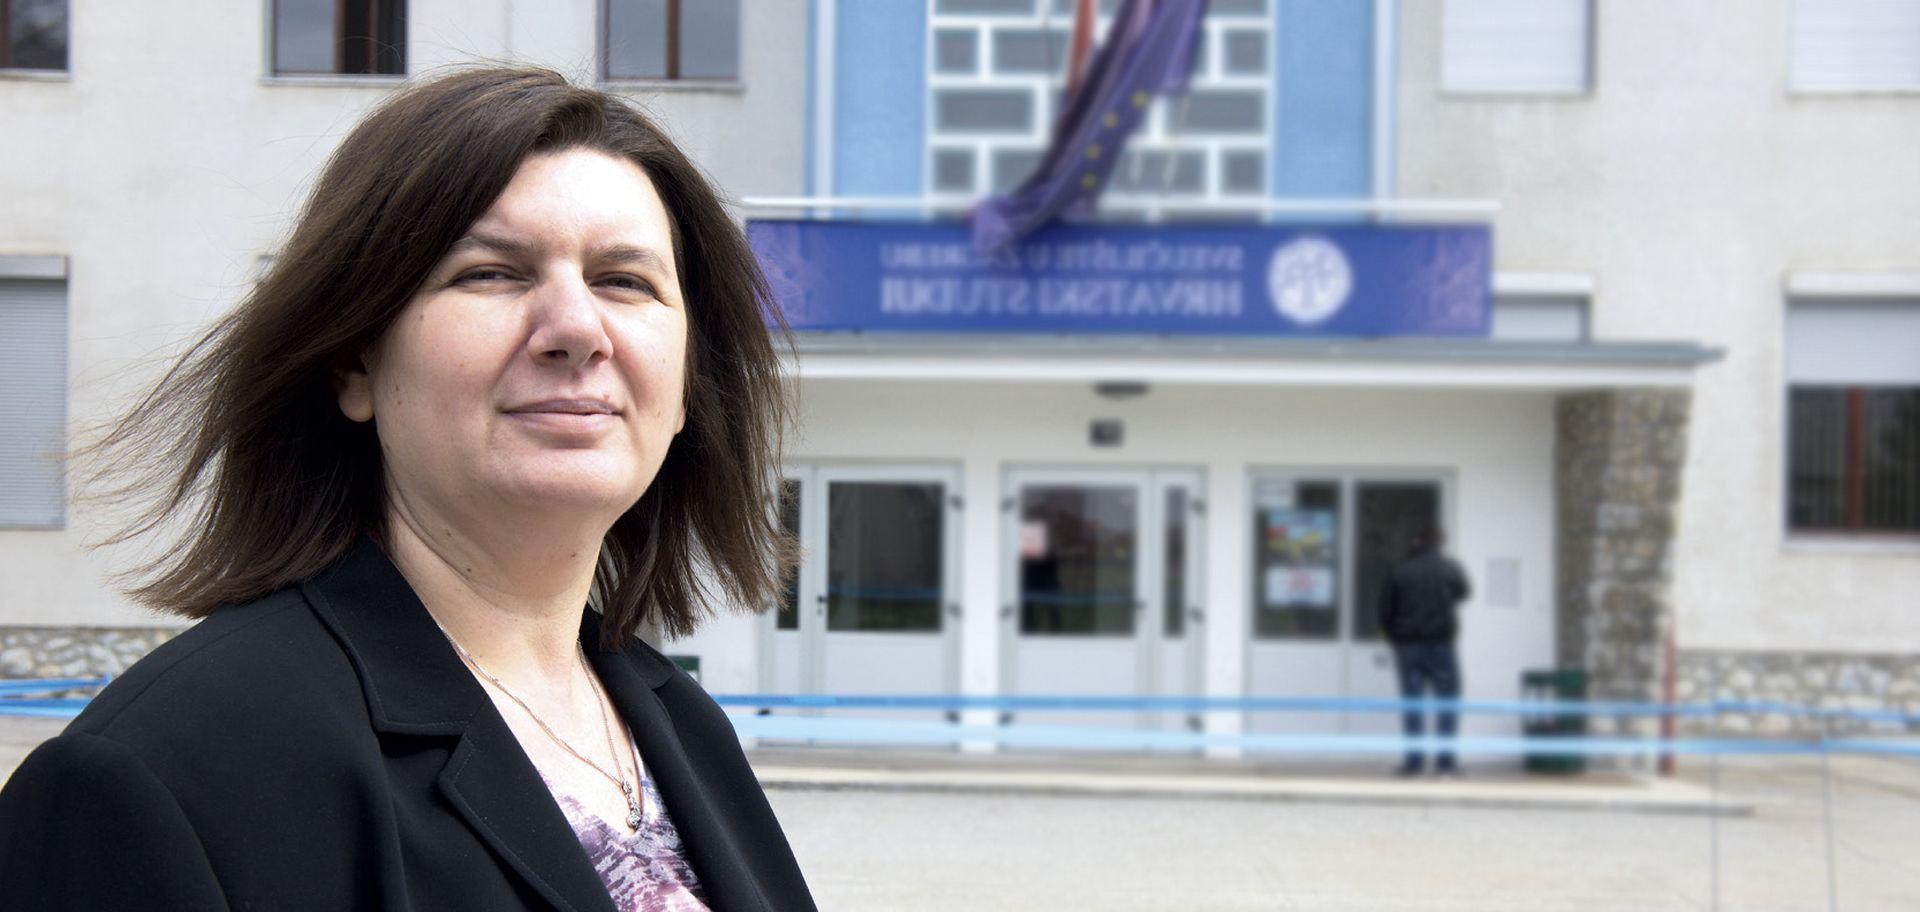 'Putin je Hrvatskoj poručio da promijeni svoju politiku prema Rusiji'